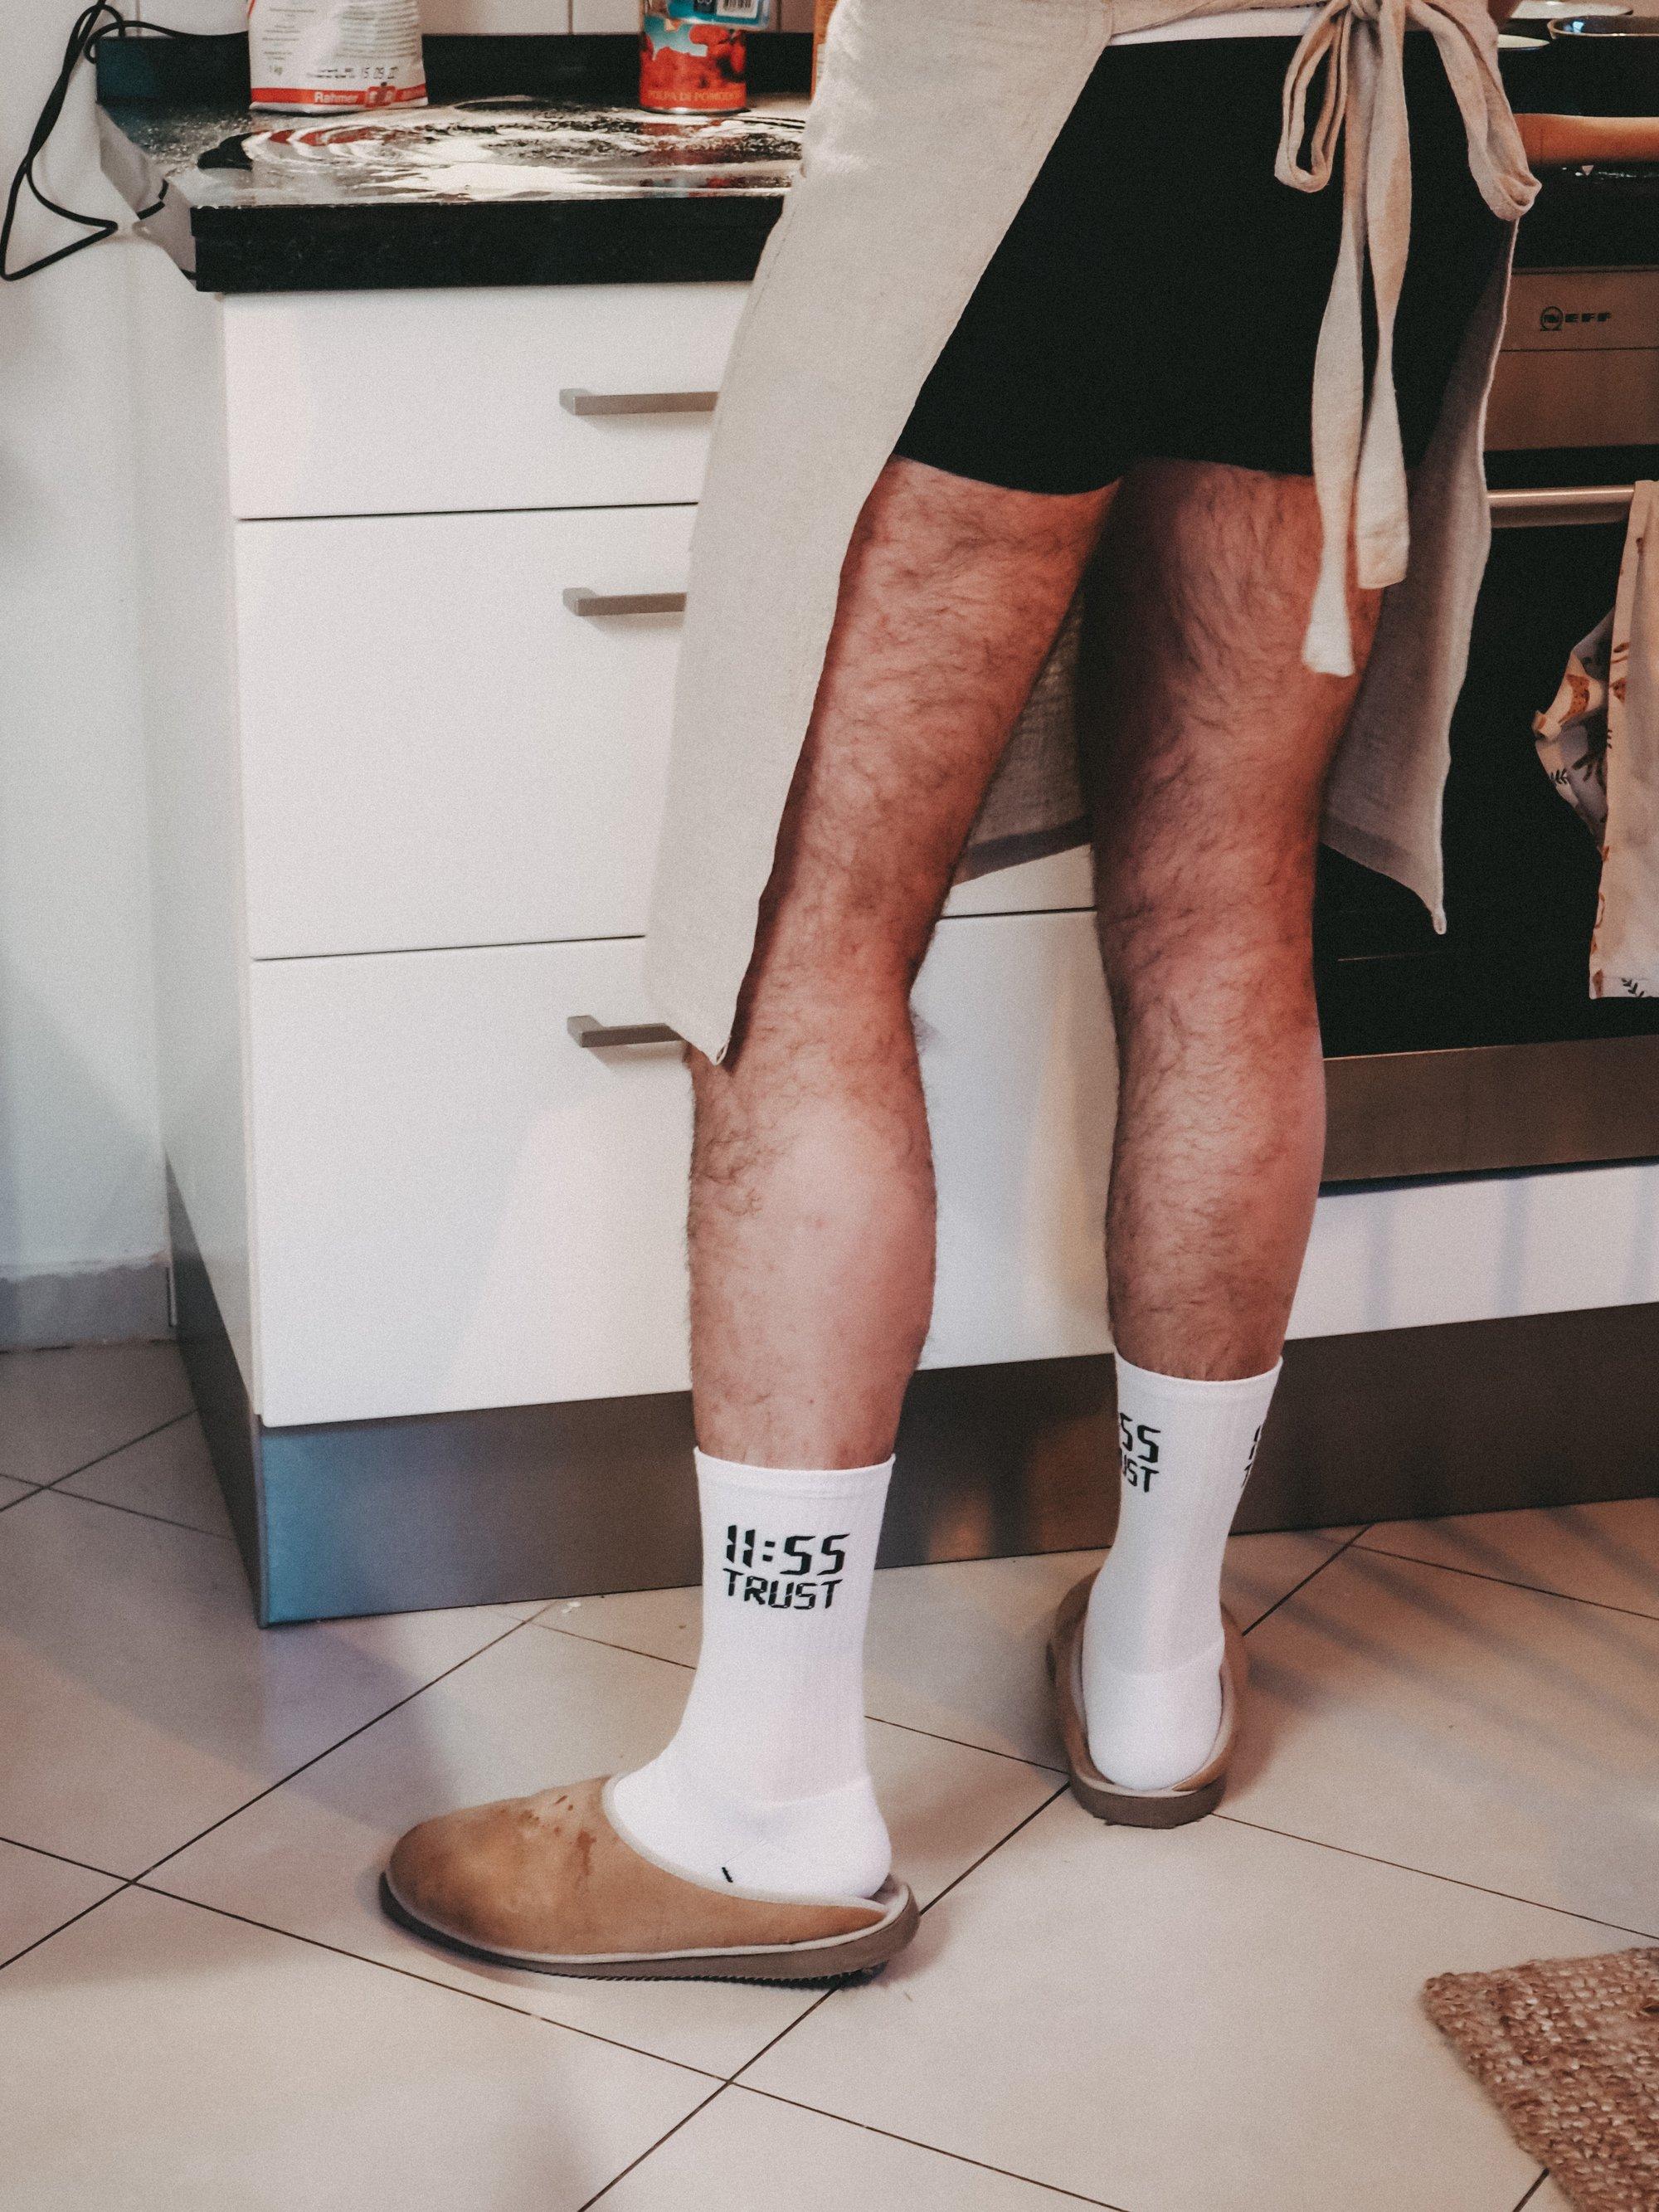 Image of trust socks